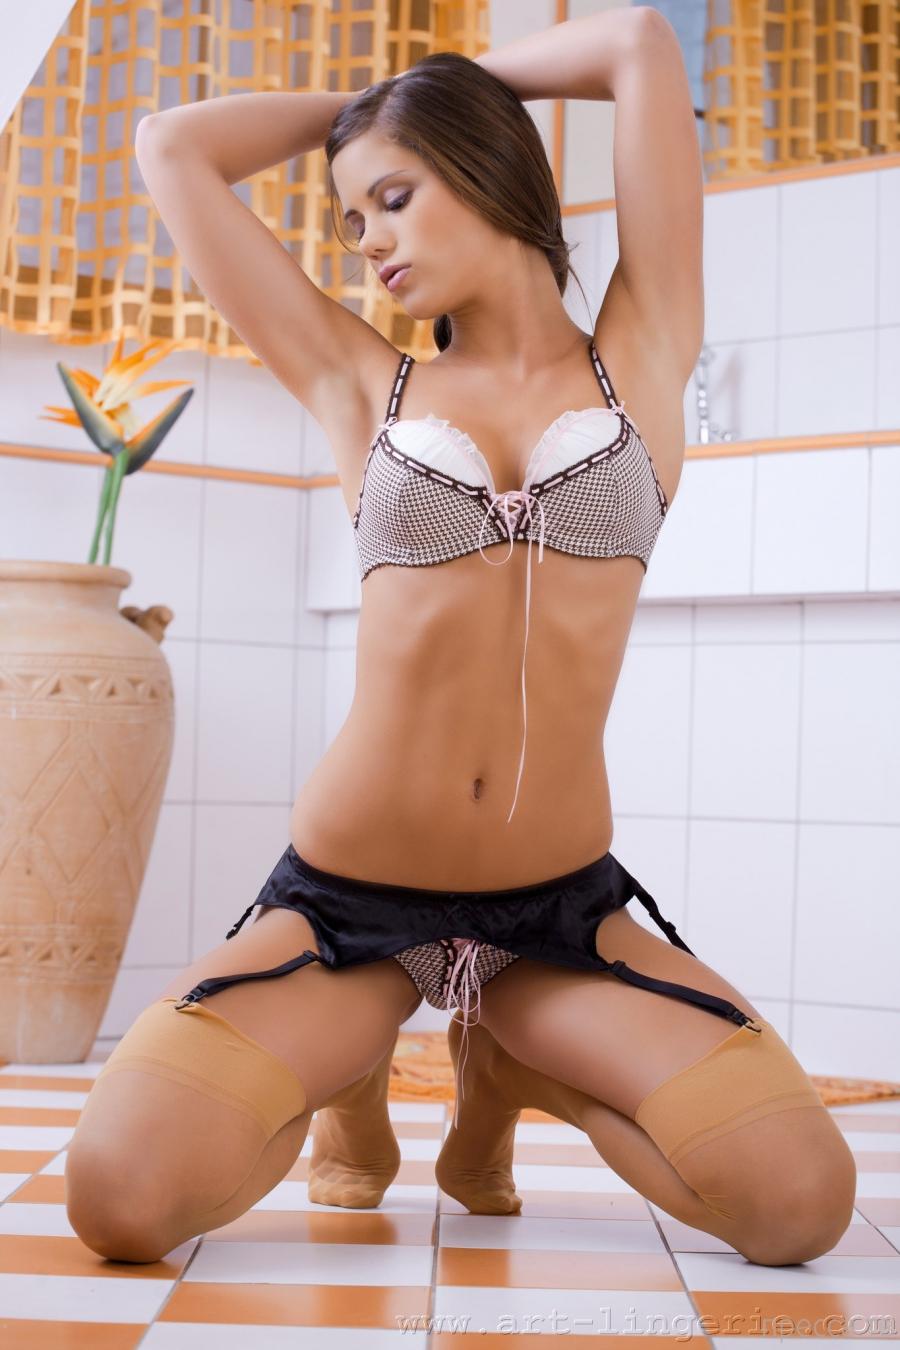 """Красивые и горячие девушки на """"Понедельник"""", часть 12 (102 фото)"""